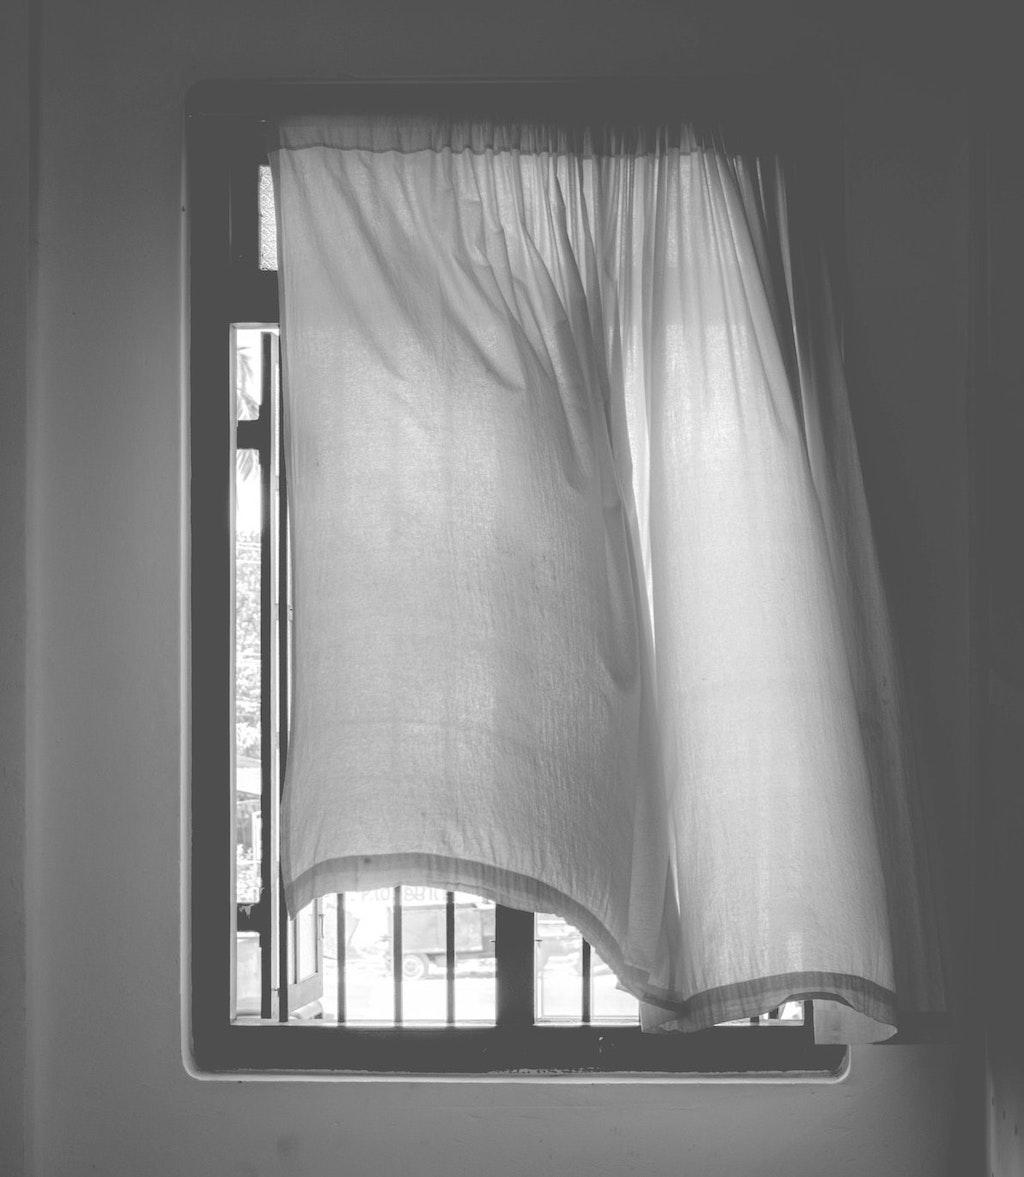 Vergessene Rituale: Vor einem offenen Fenster weht ein Gardine im Wind.